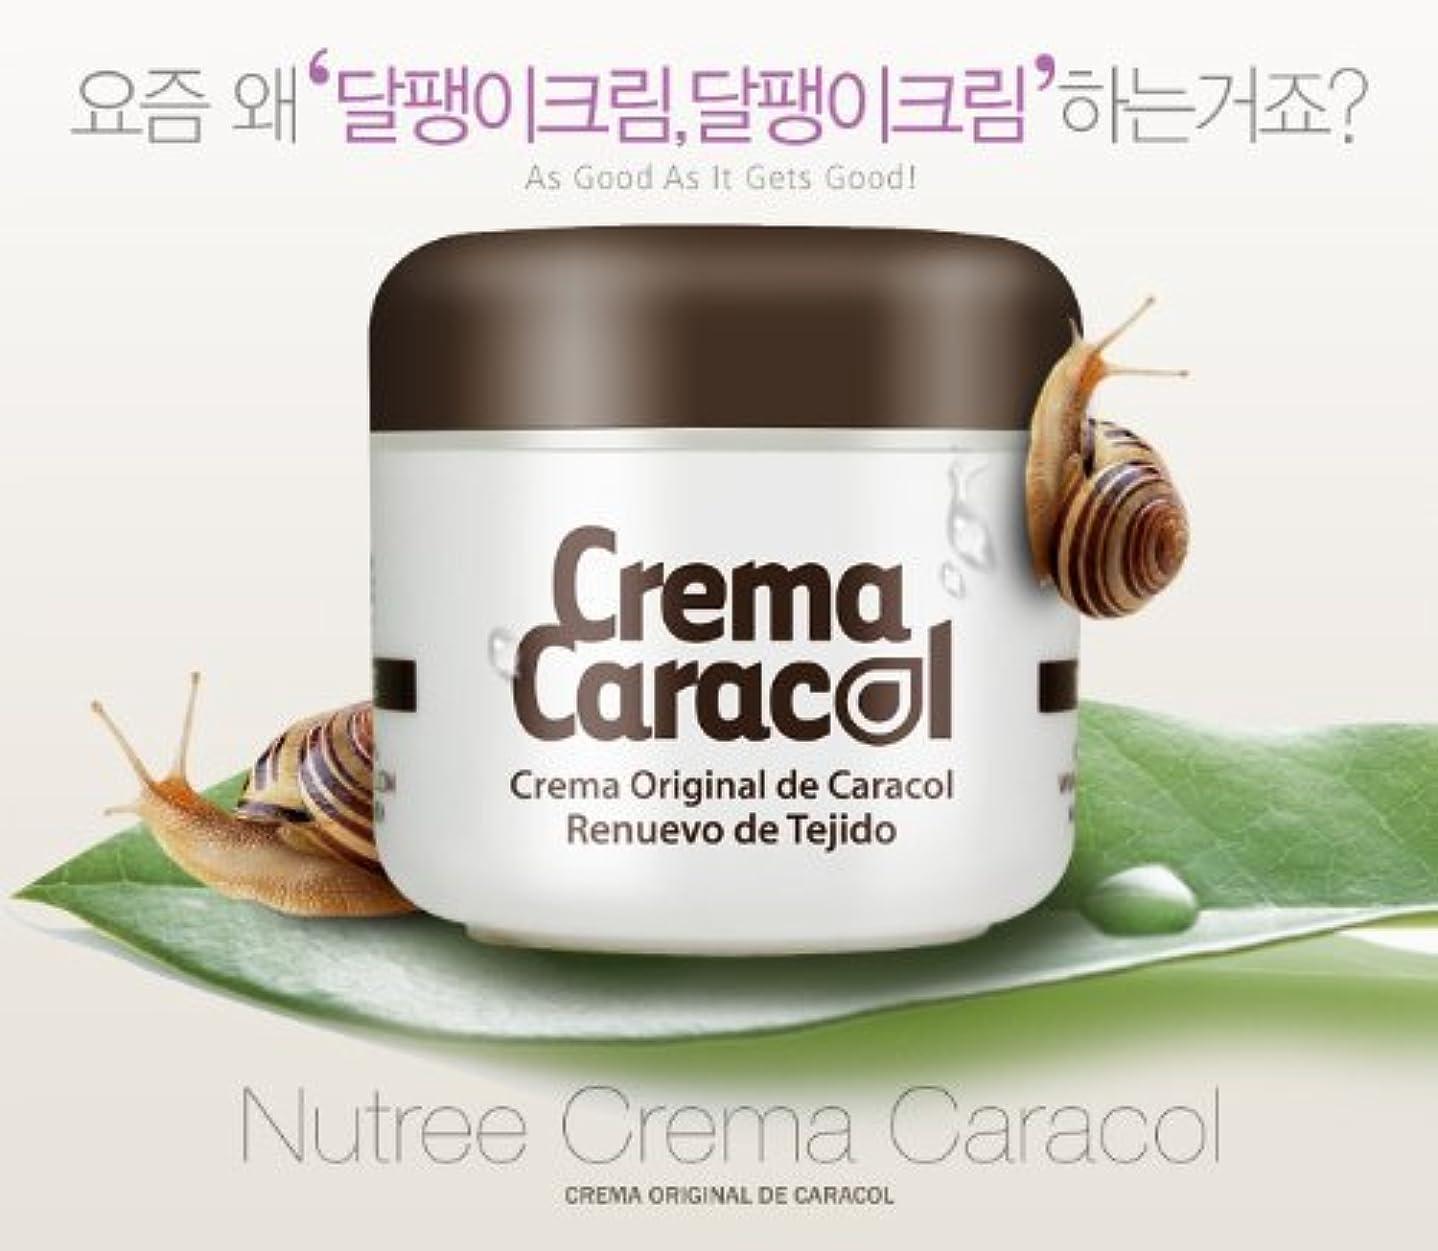 放射するアドバンテージ手つかずのcrema caracol(カラコール) かたつむりクリーム 5個セット